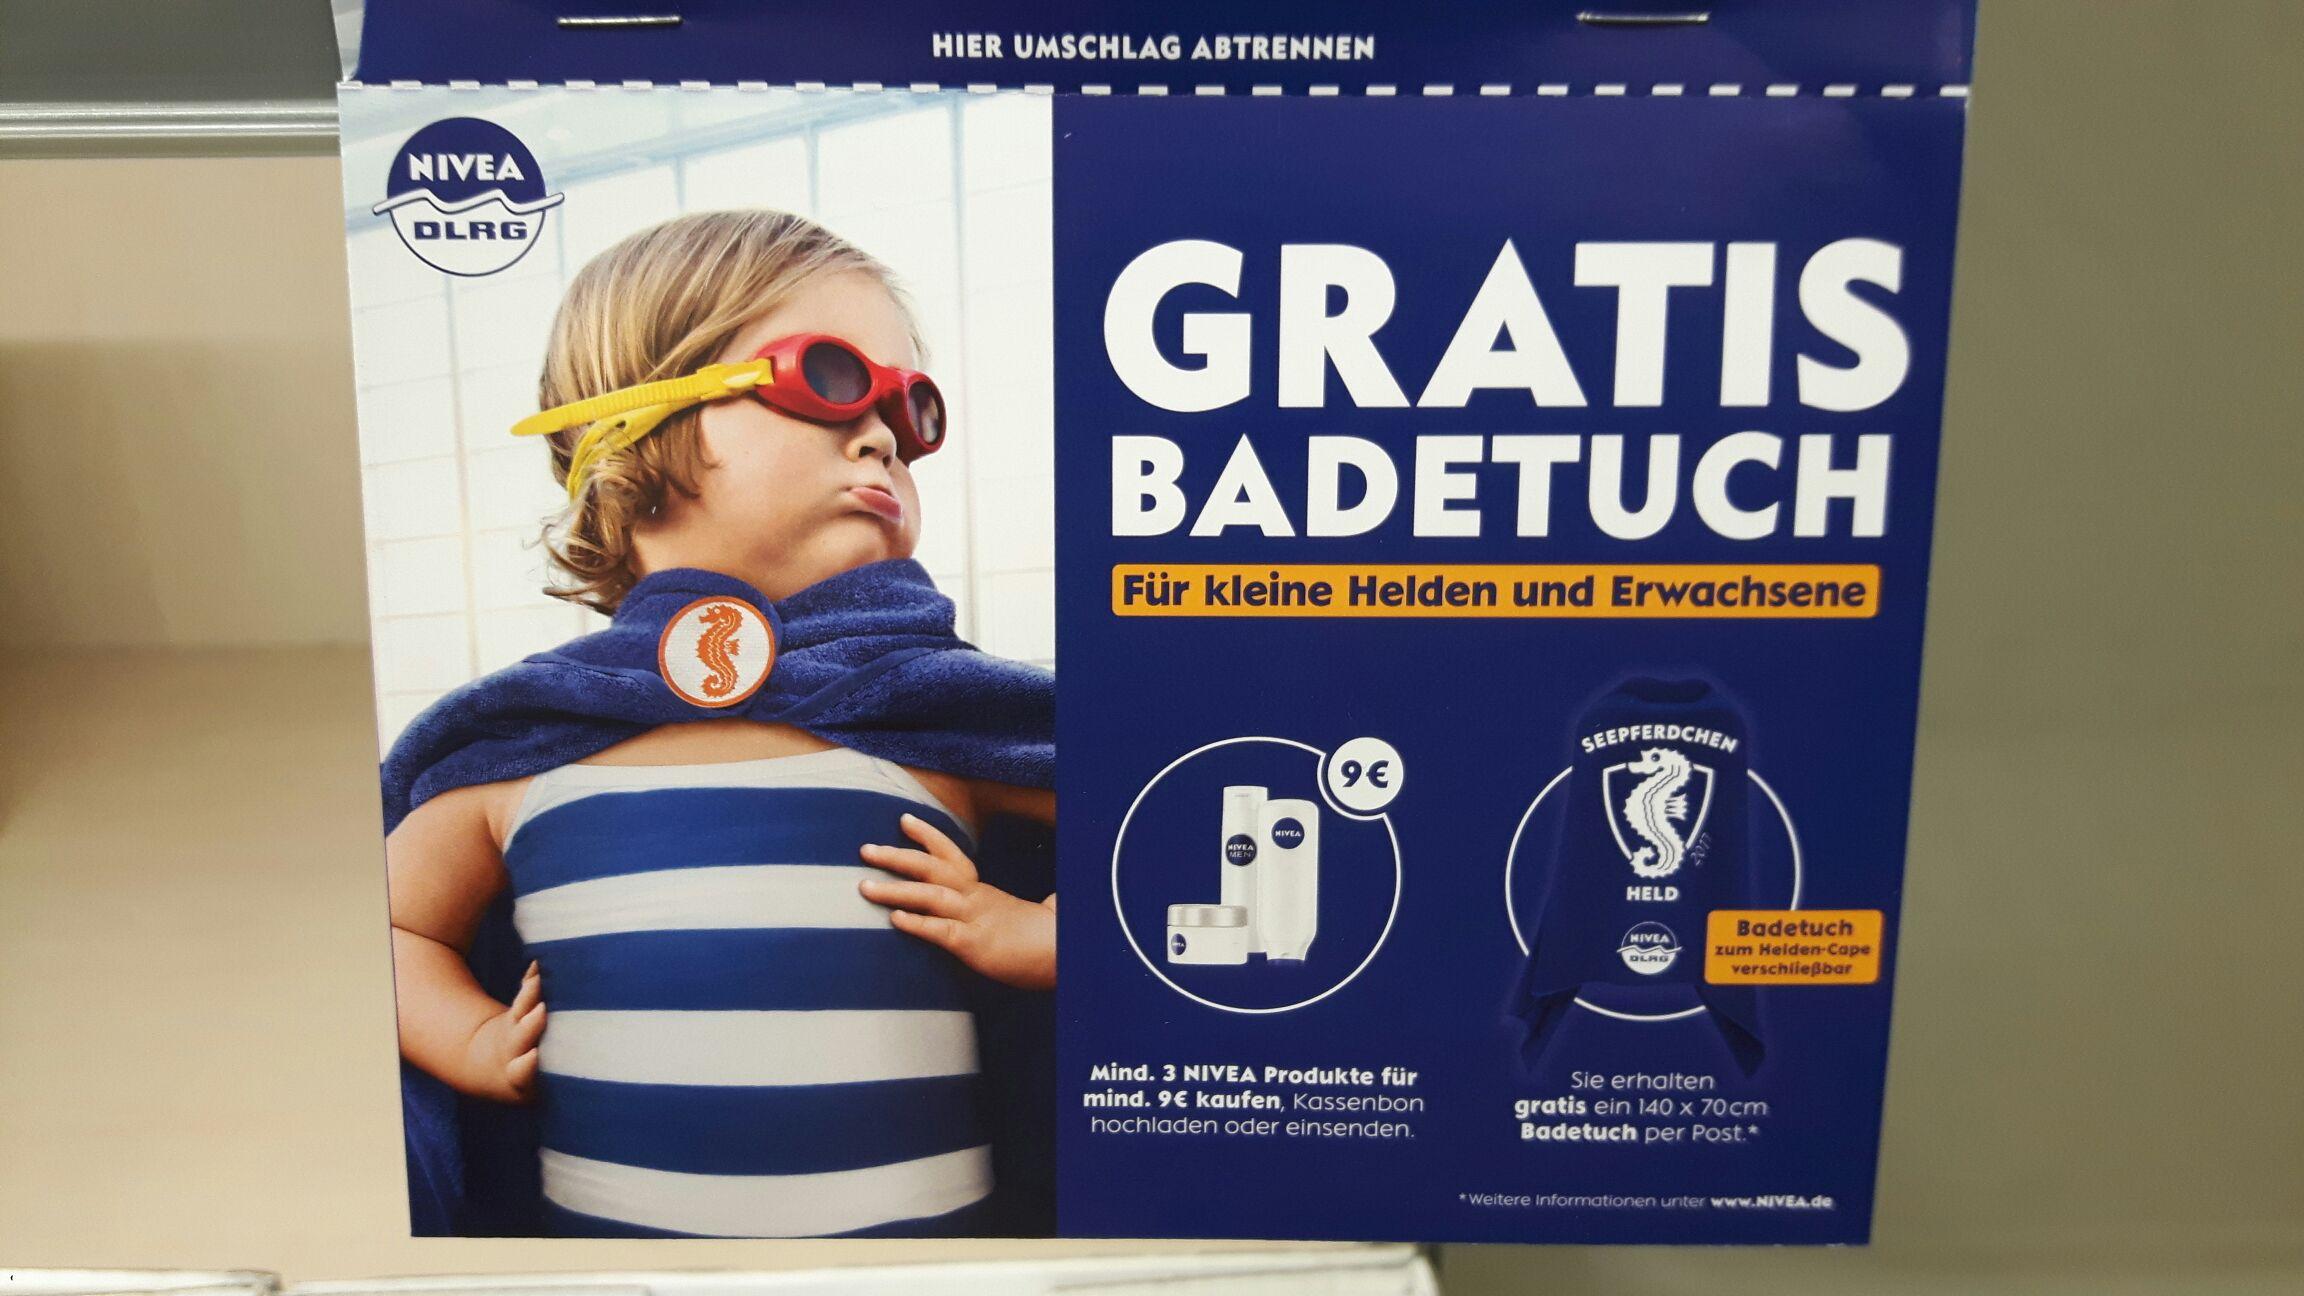 NIVEA gratis DLRG Badetuch beim Kauf von mind. 3 Nivea Produkten (Mindestwarenwert 9€)